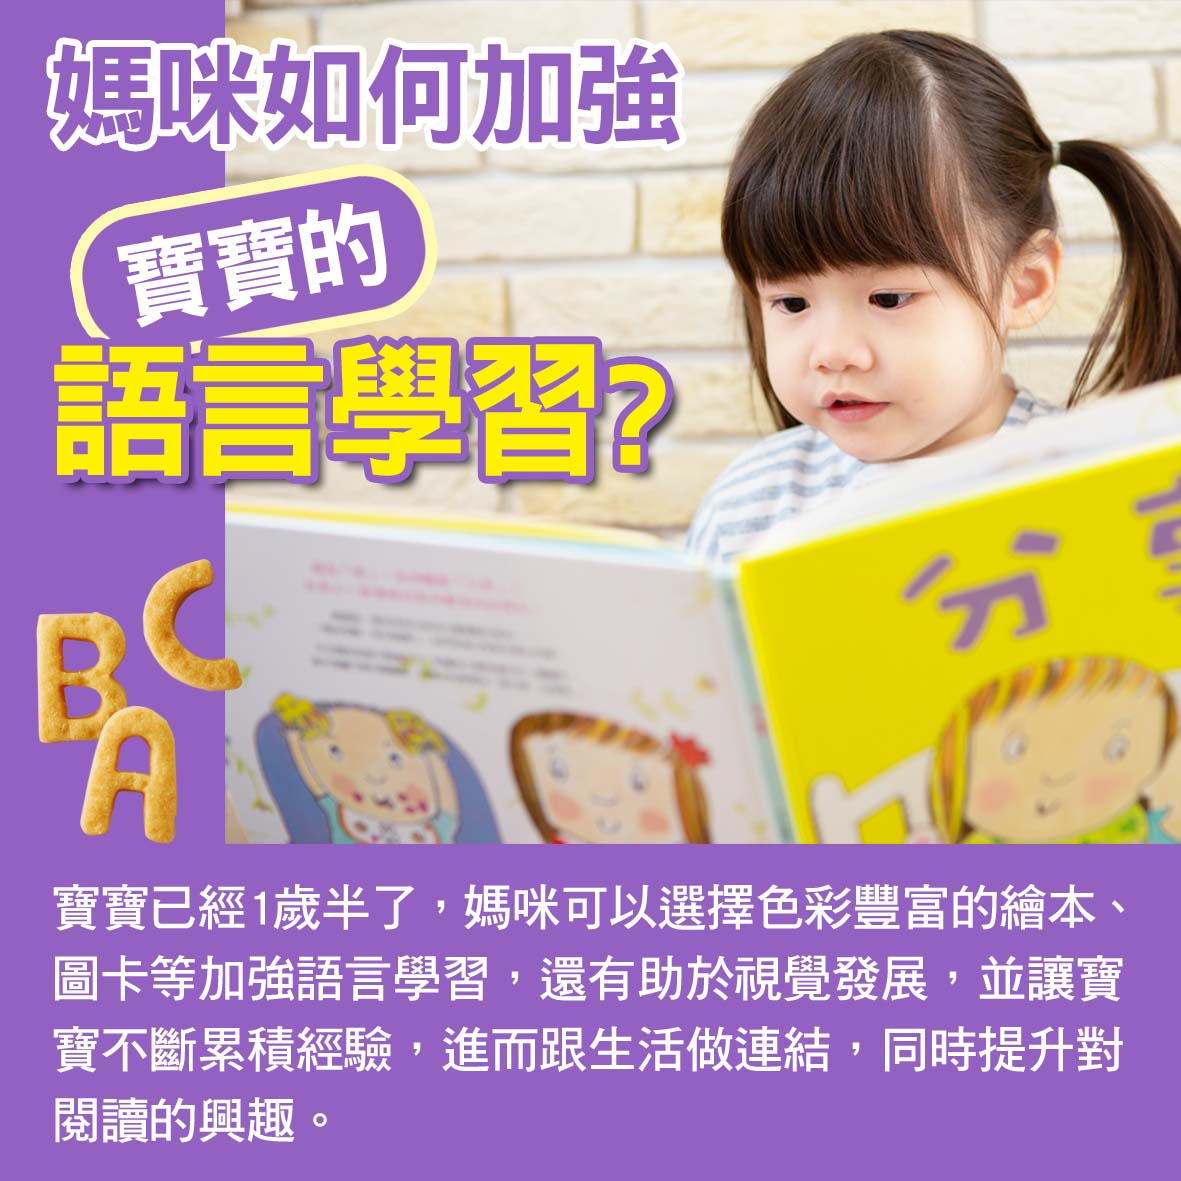 寶寶篇1歲第23~24週-媽咪如何加強寶寶的語言學習